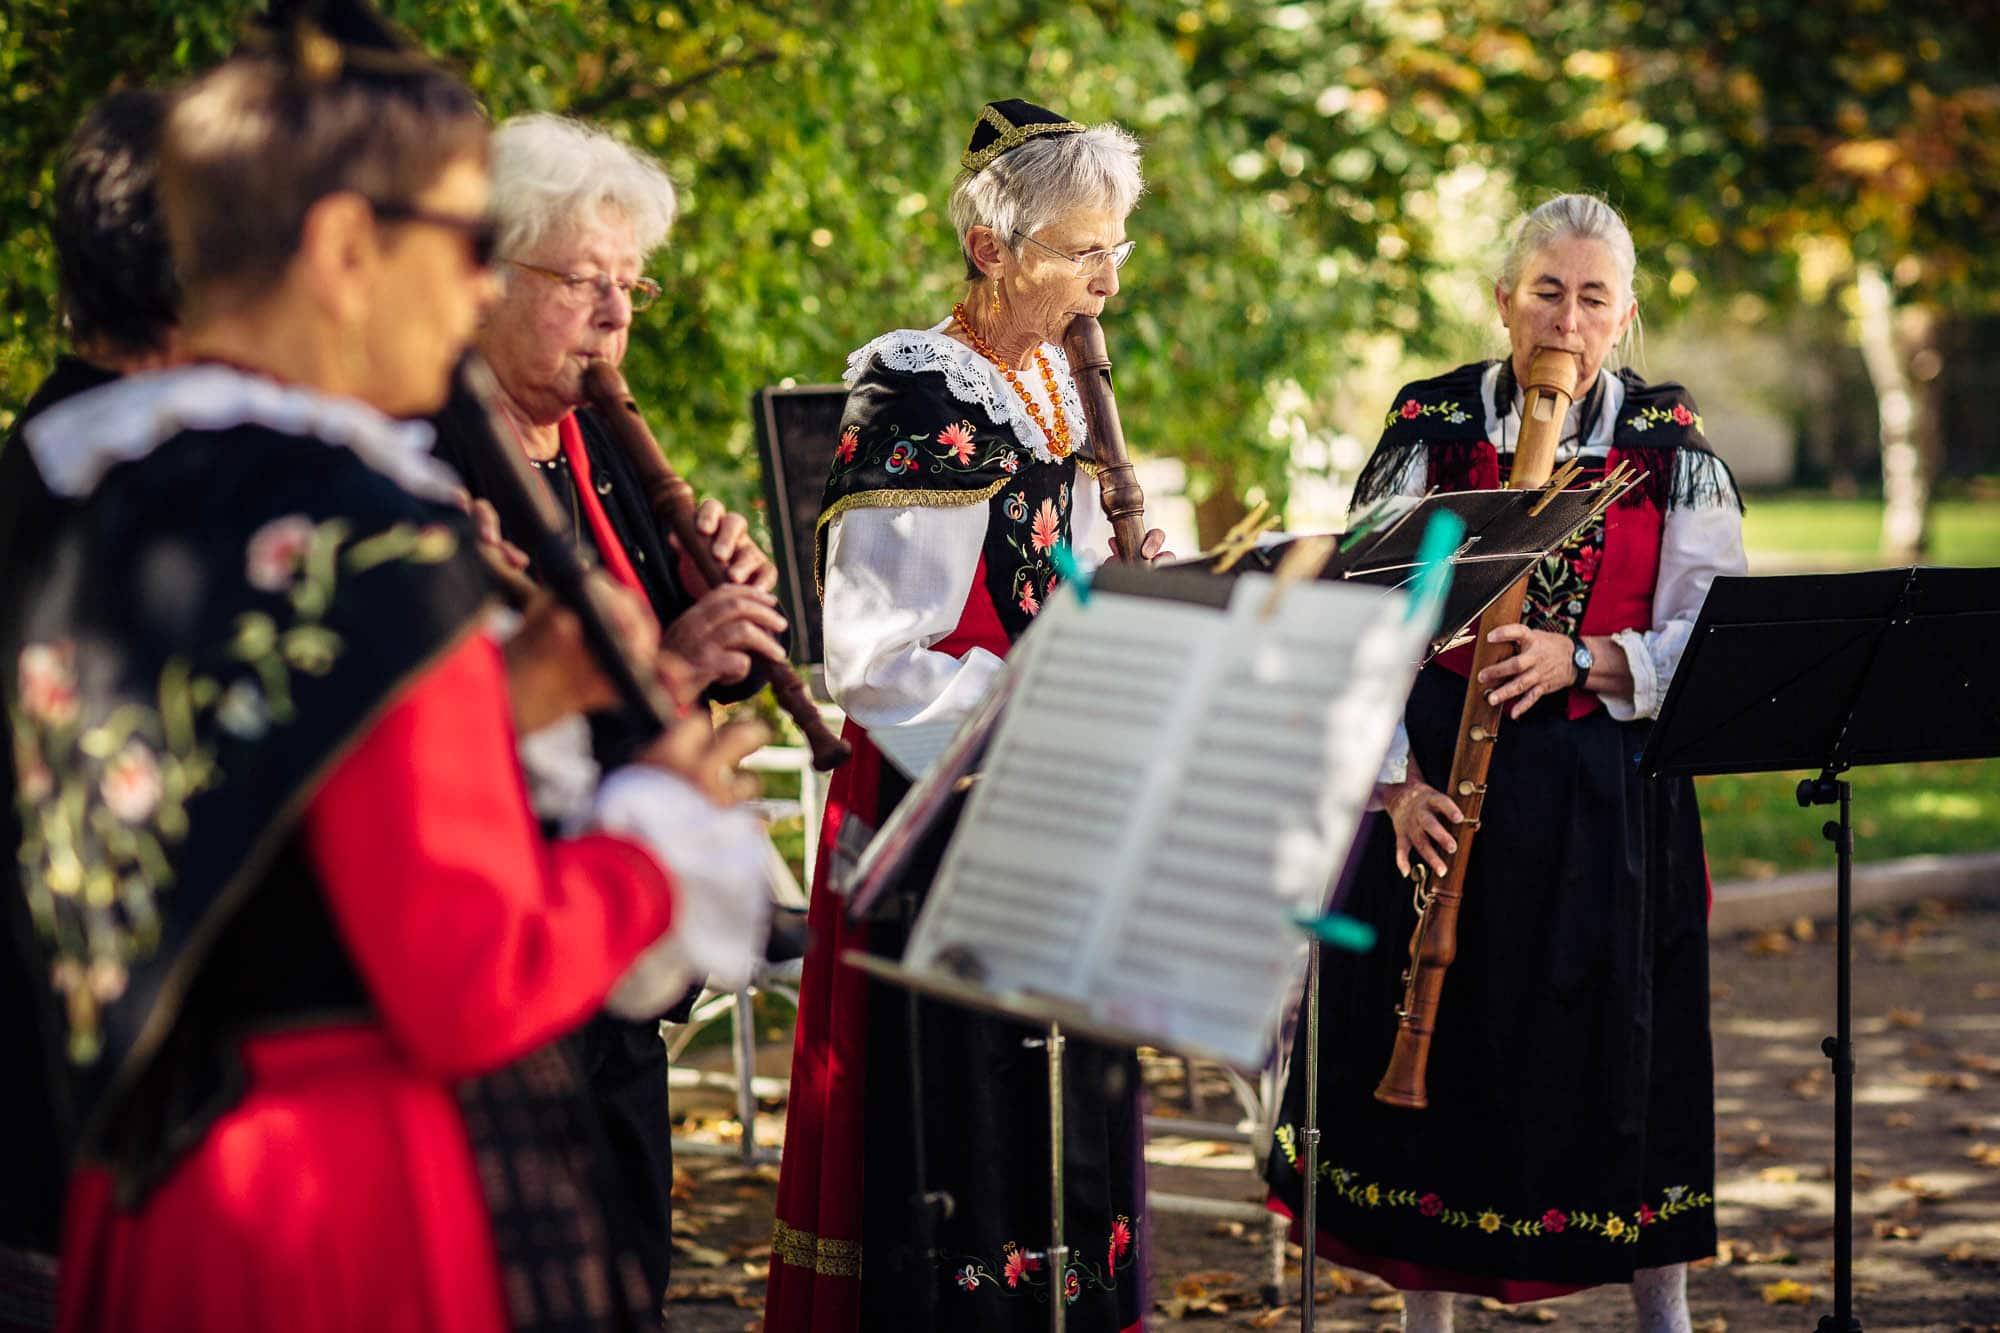 Frauen mit Schanfigger-Tracht beim Flötenspiel